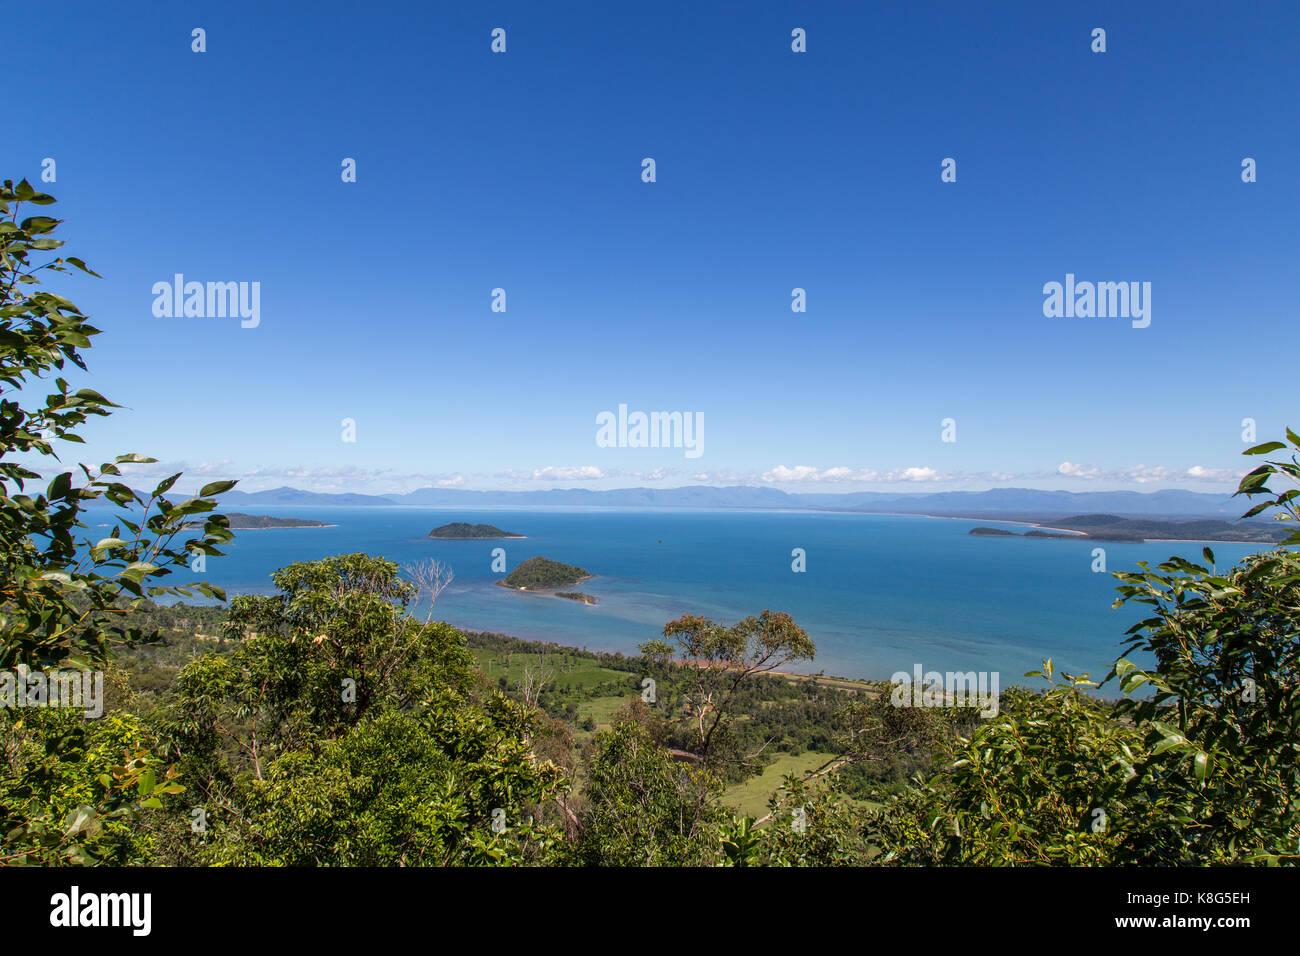 Dunk Island in Queensland, Australia - Stock Image